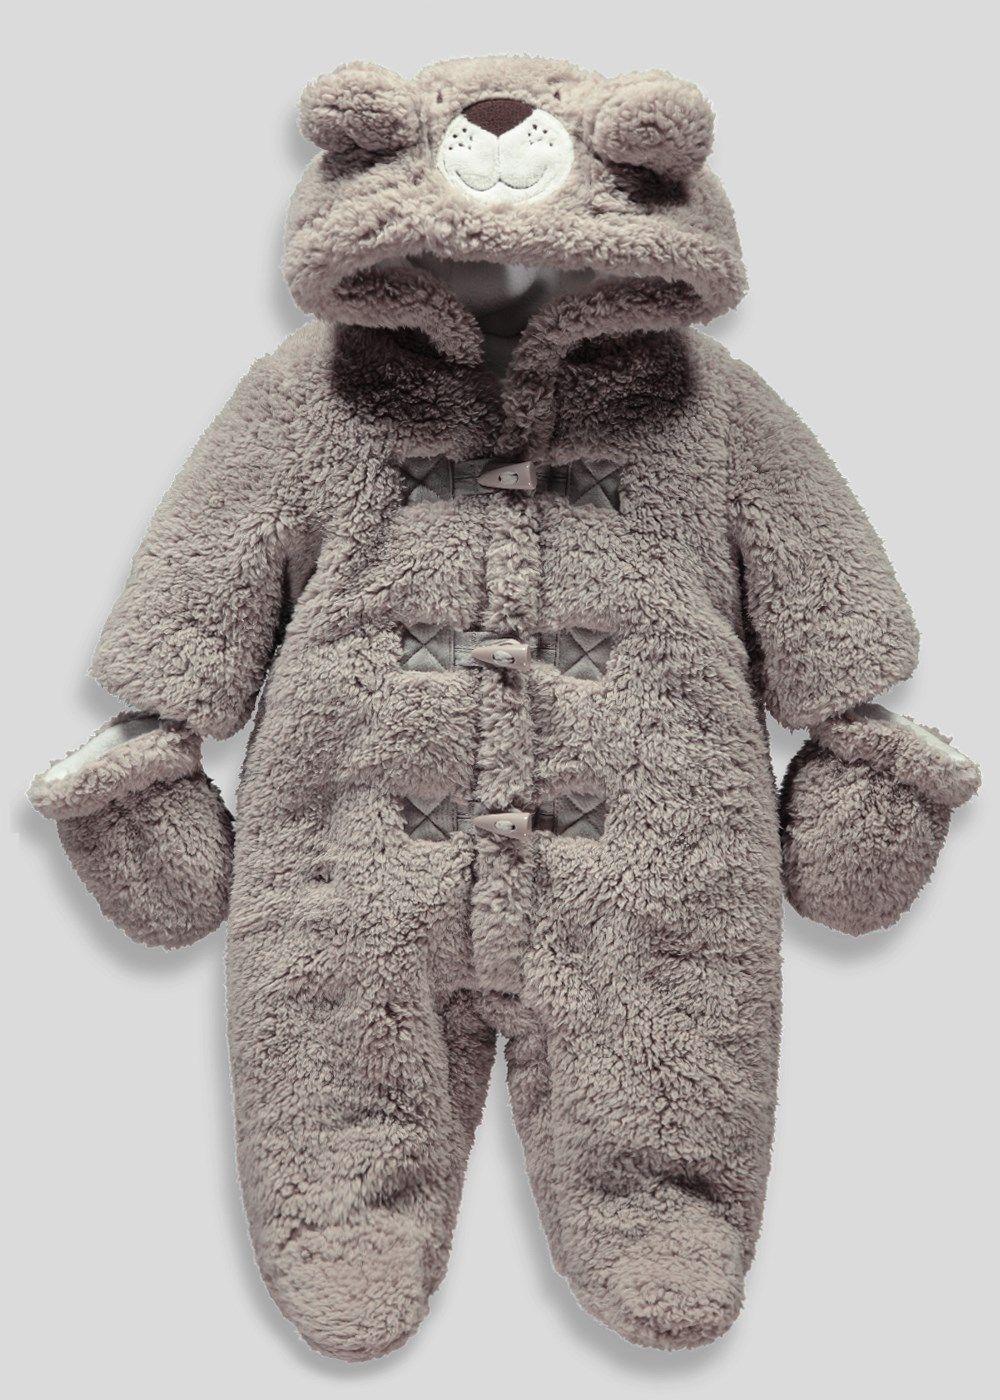 2d8d96c12 Boys Bear Snowsuit with Mittens (Newborn - 18mths) - Matalan £16 ...